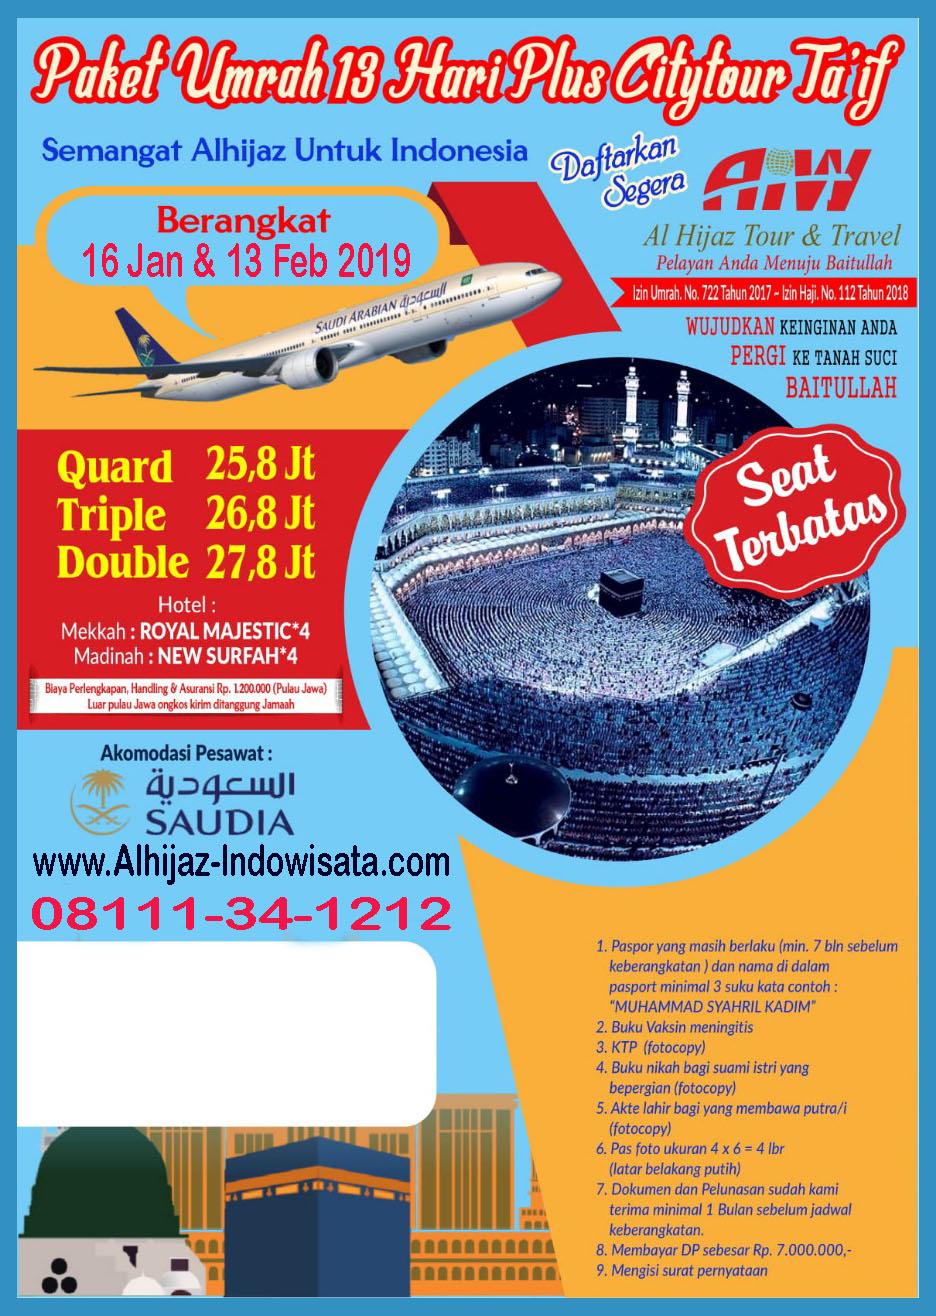 UMROH 13 HARI TOUR TAIF